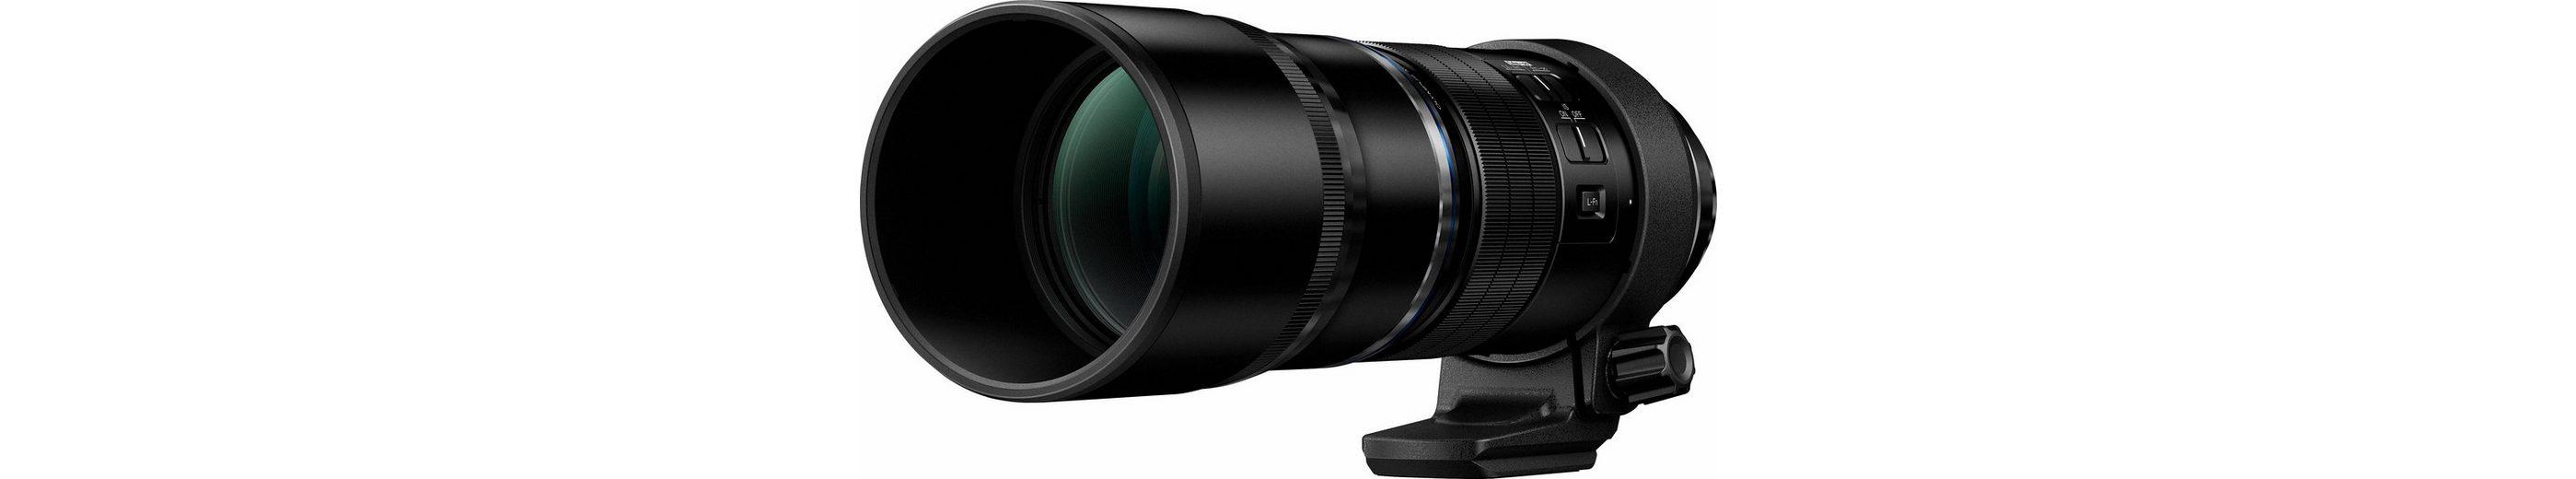 Olympus M.ZUIKO DIGITAL ED 300mm 1:4 IS PRO Tele Objektiv